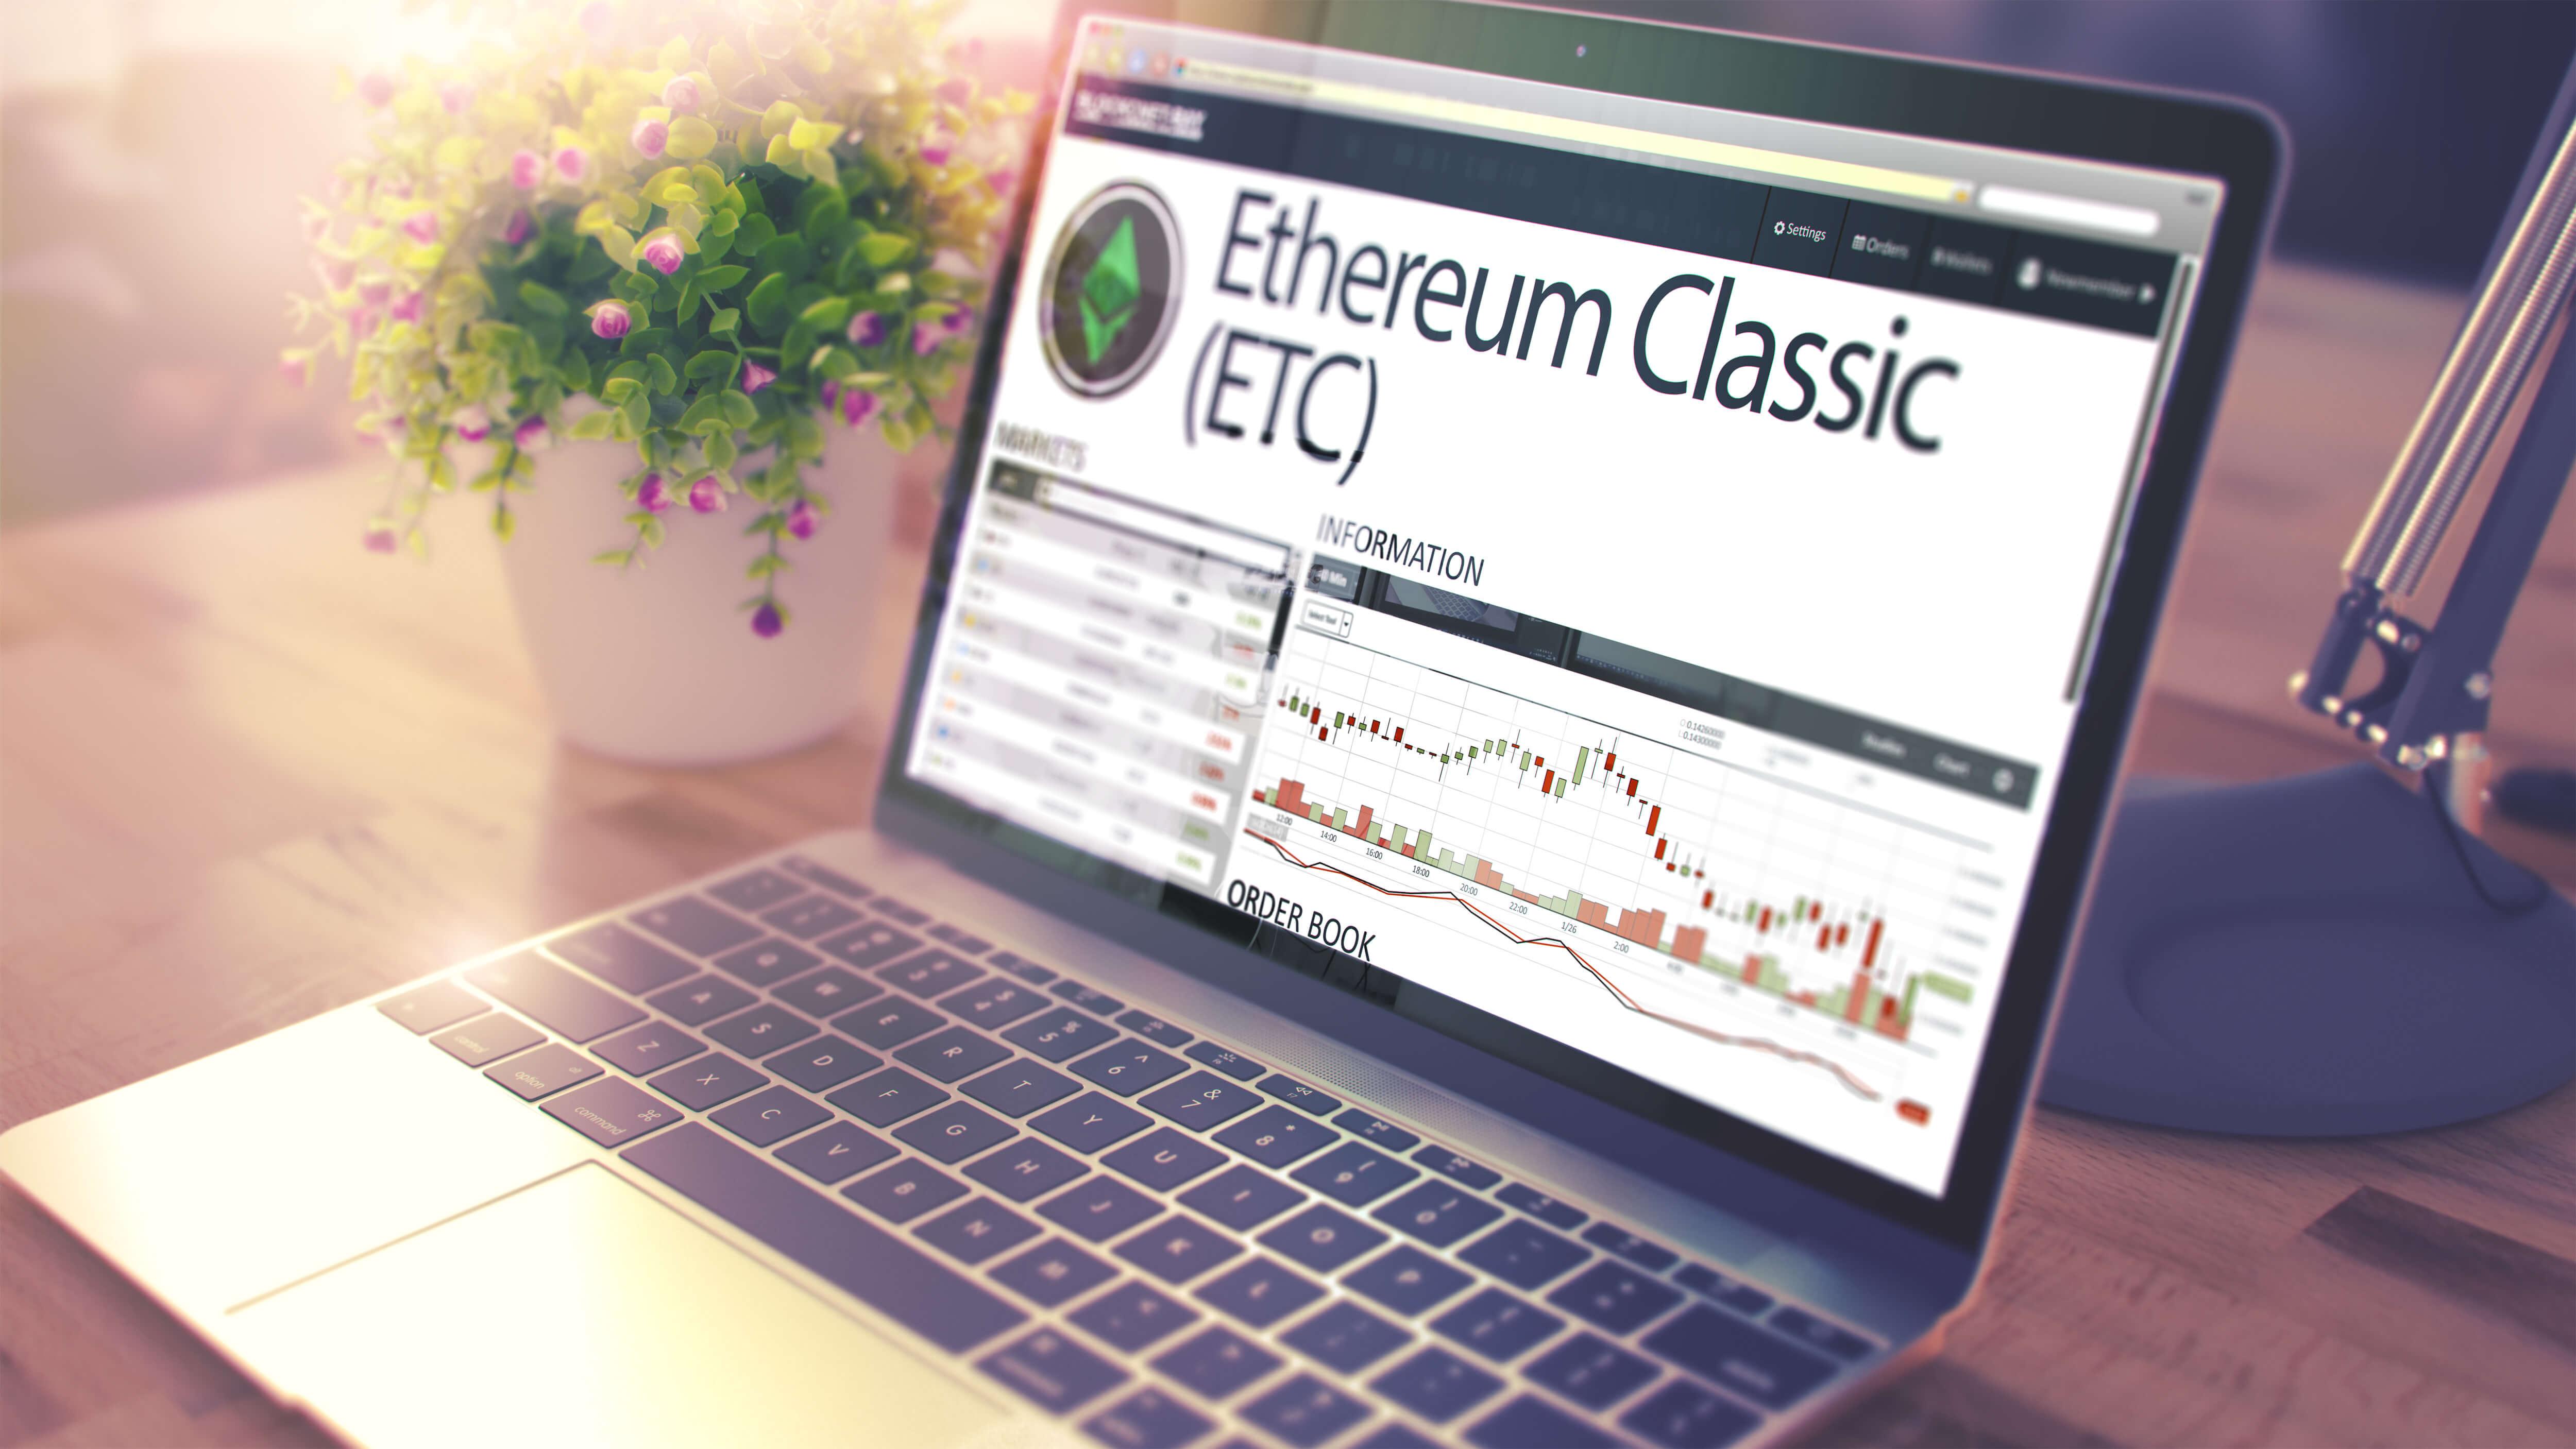 イーサリアムクラシック(EthereumClassic/ETC)とは?特徴やイーサリアム(Ethereum/ETH)との違いを徹底解説